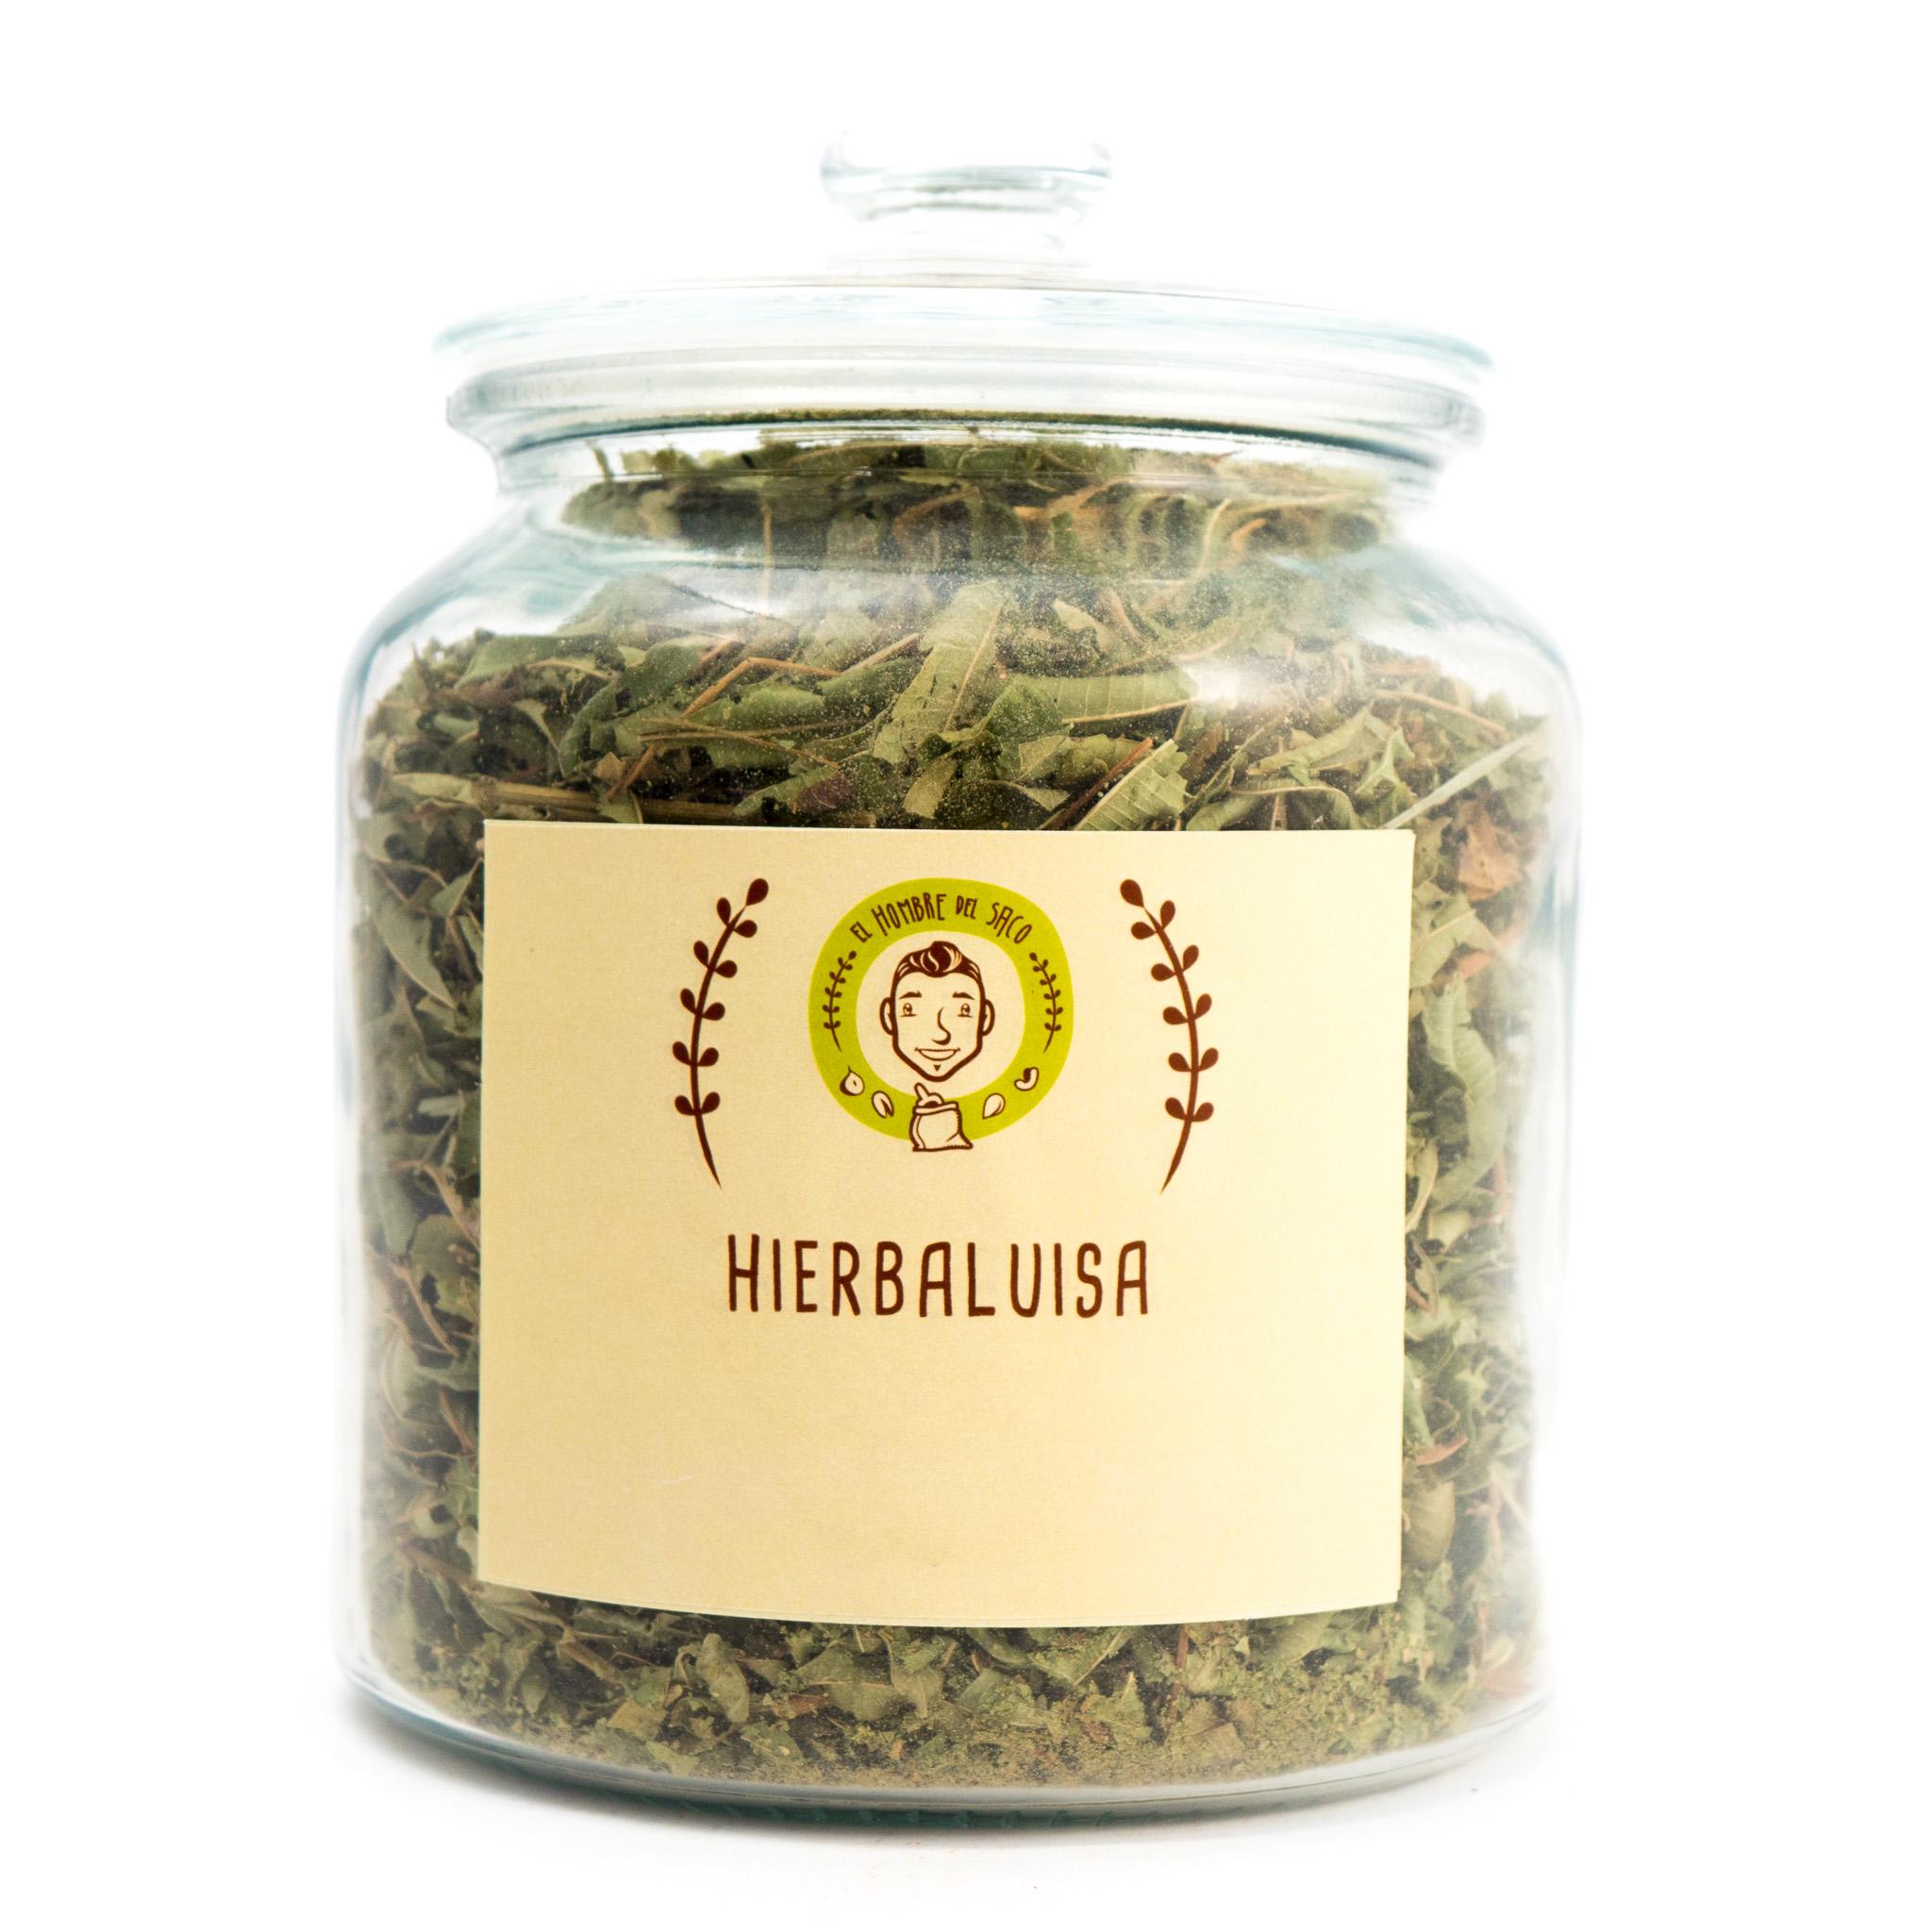 Hierbaluisa